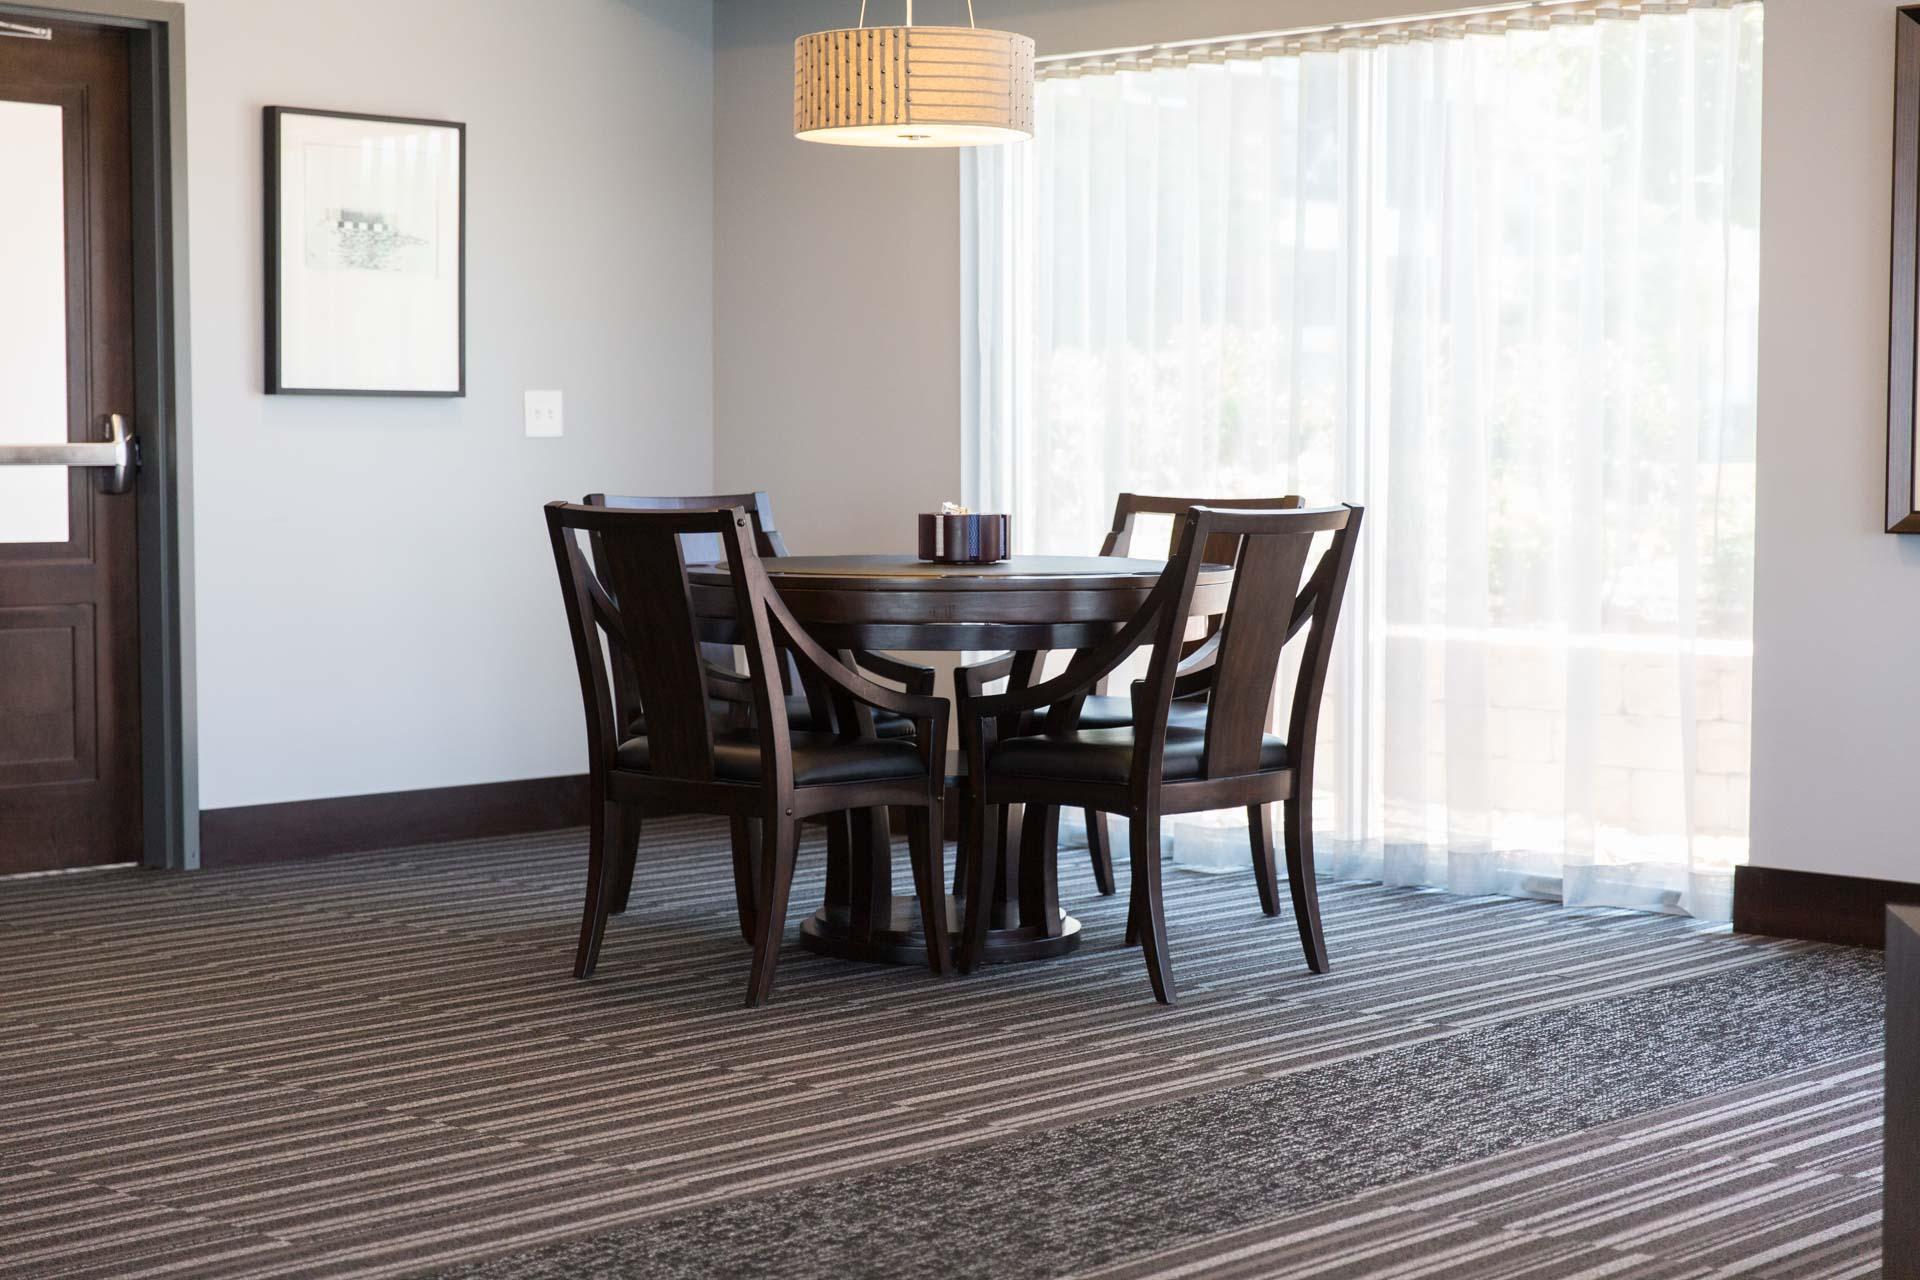 Lifing Room Flooring Ideas